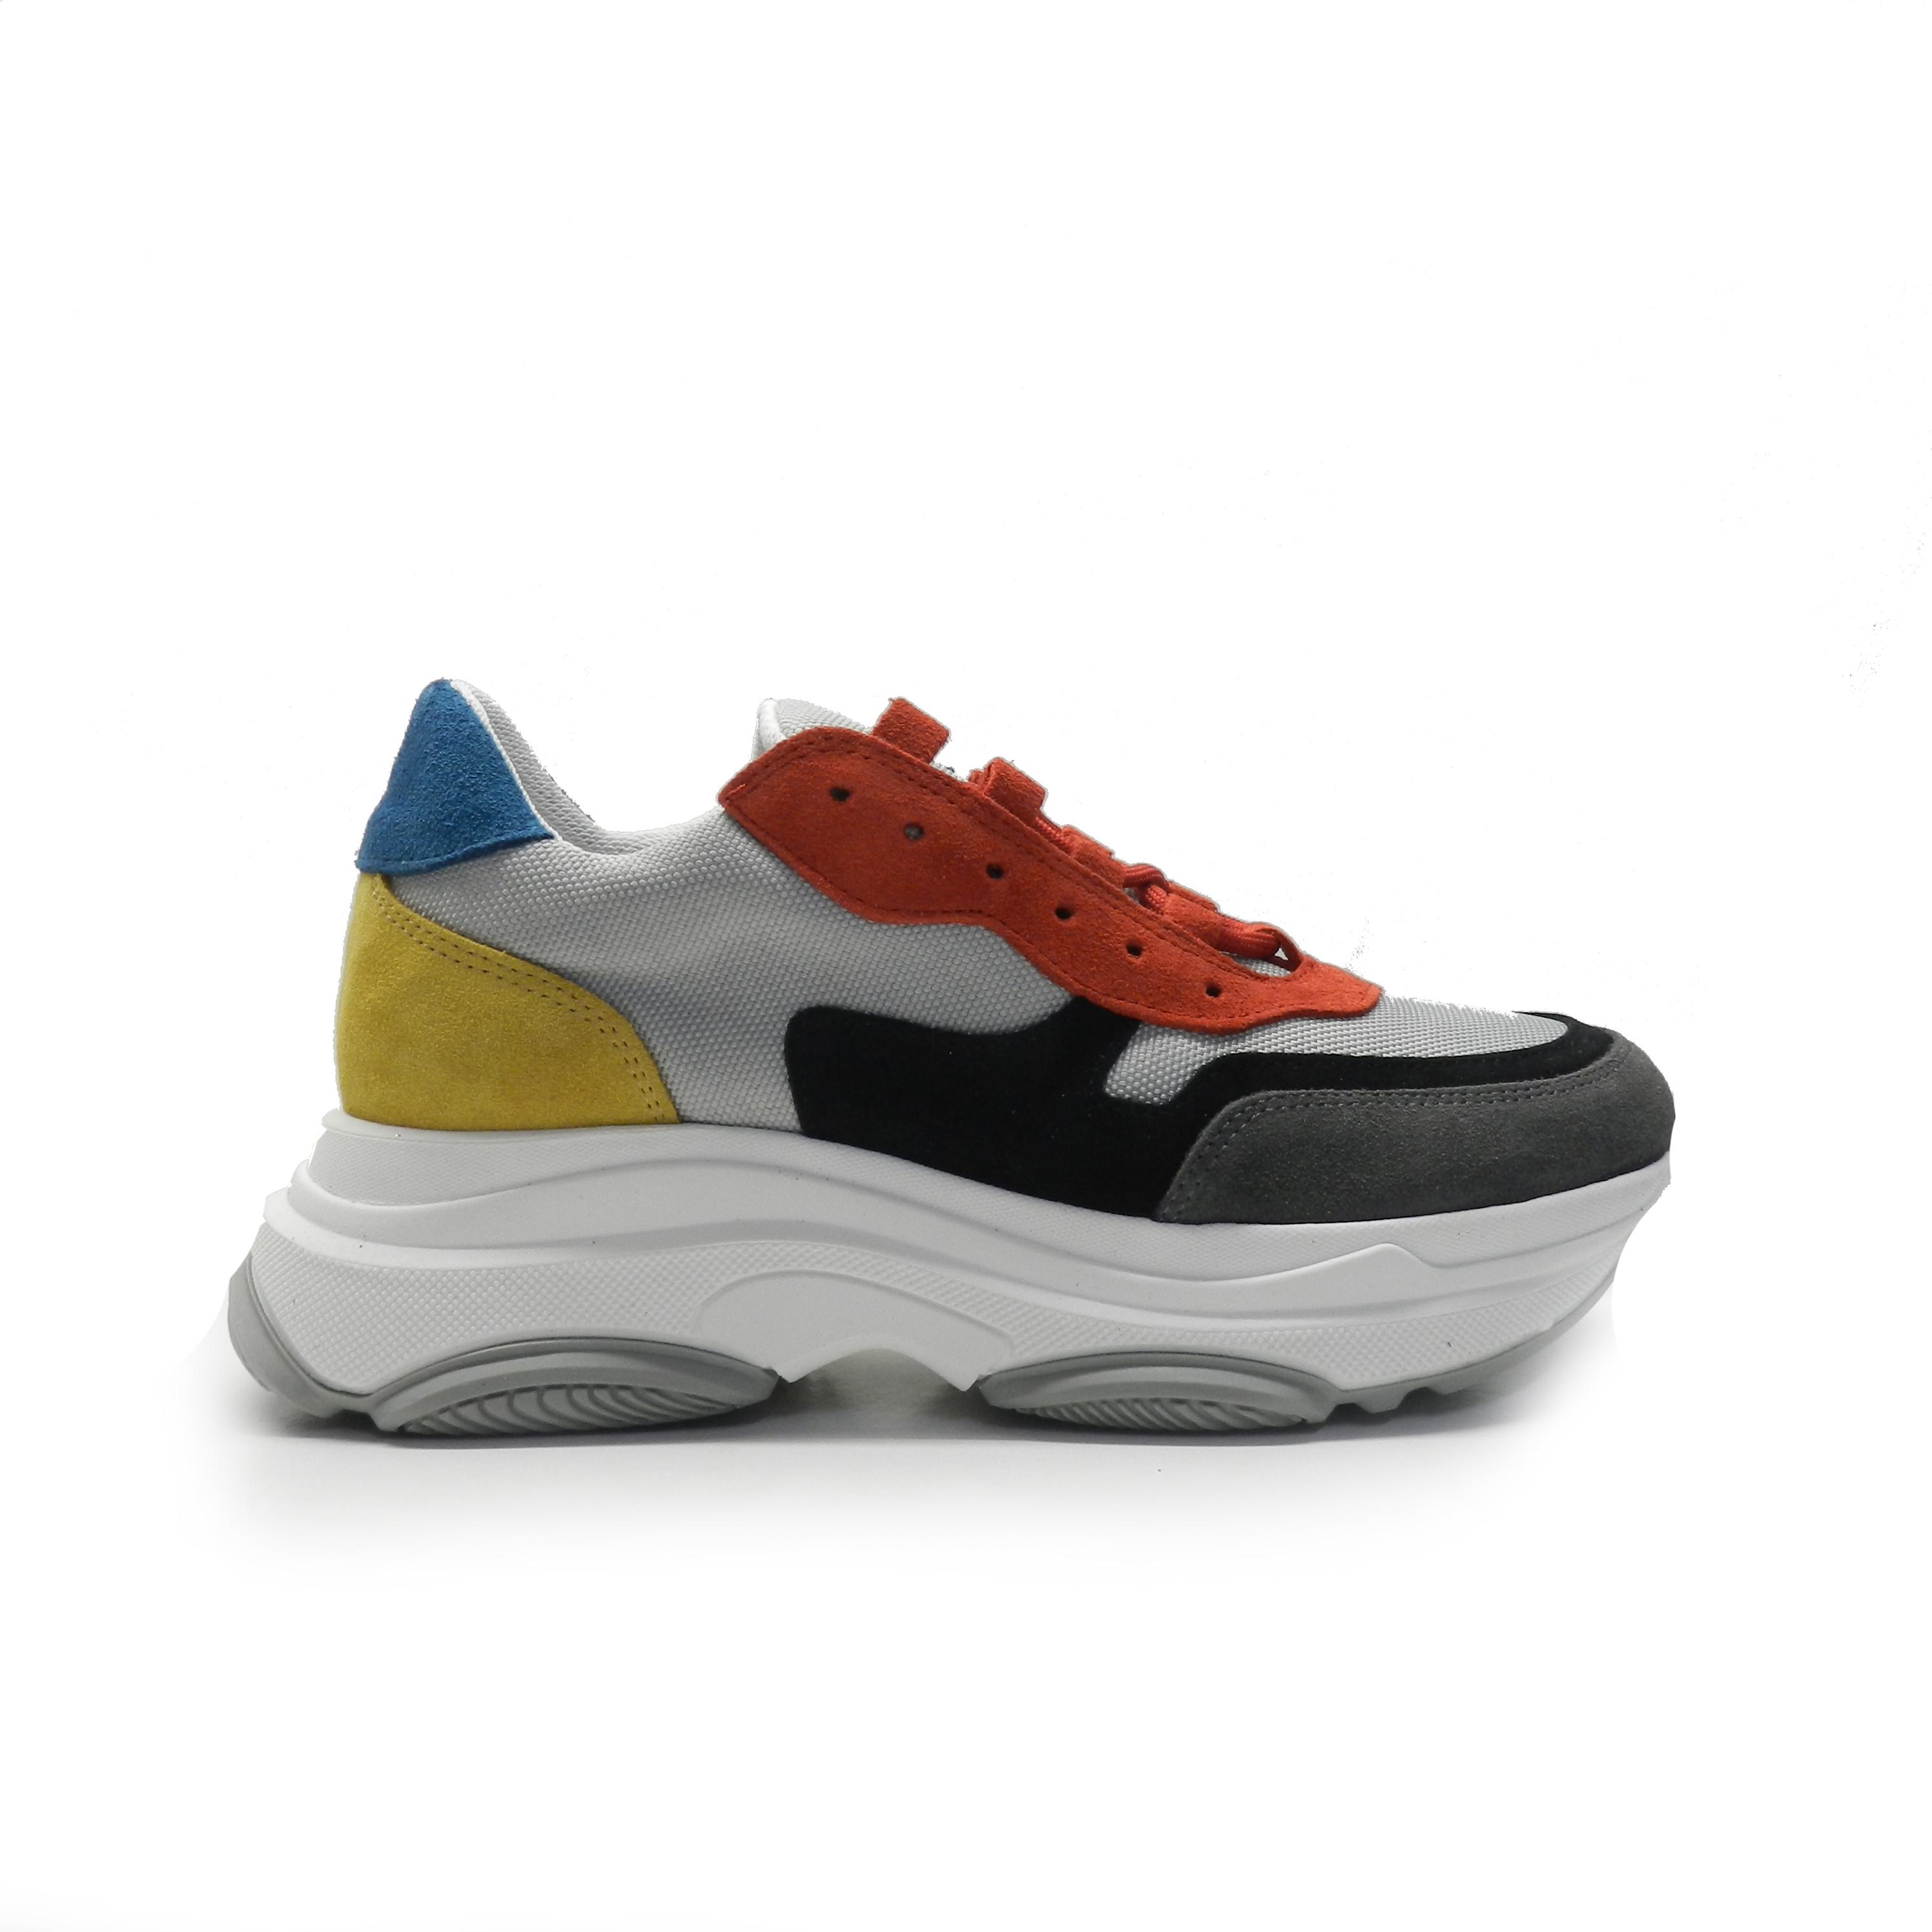 sneakers en combinación de colores y diferentes texturas, suela balancínde la marca oxigeno.